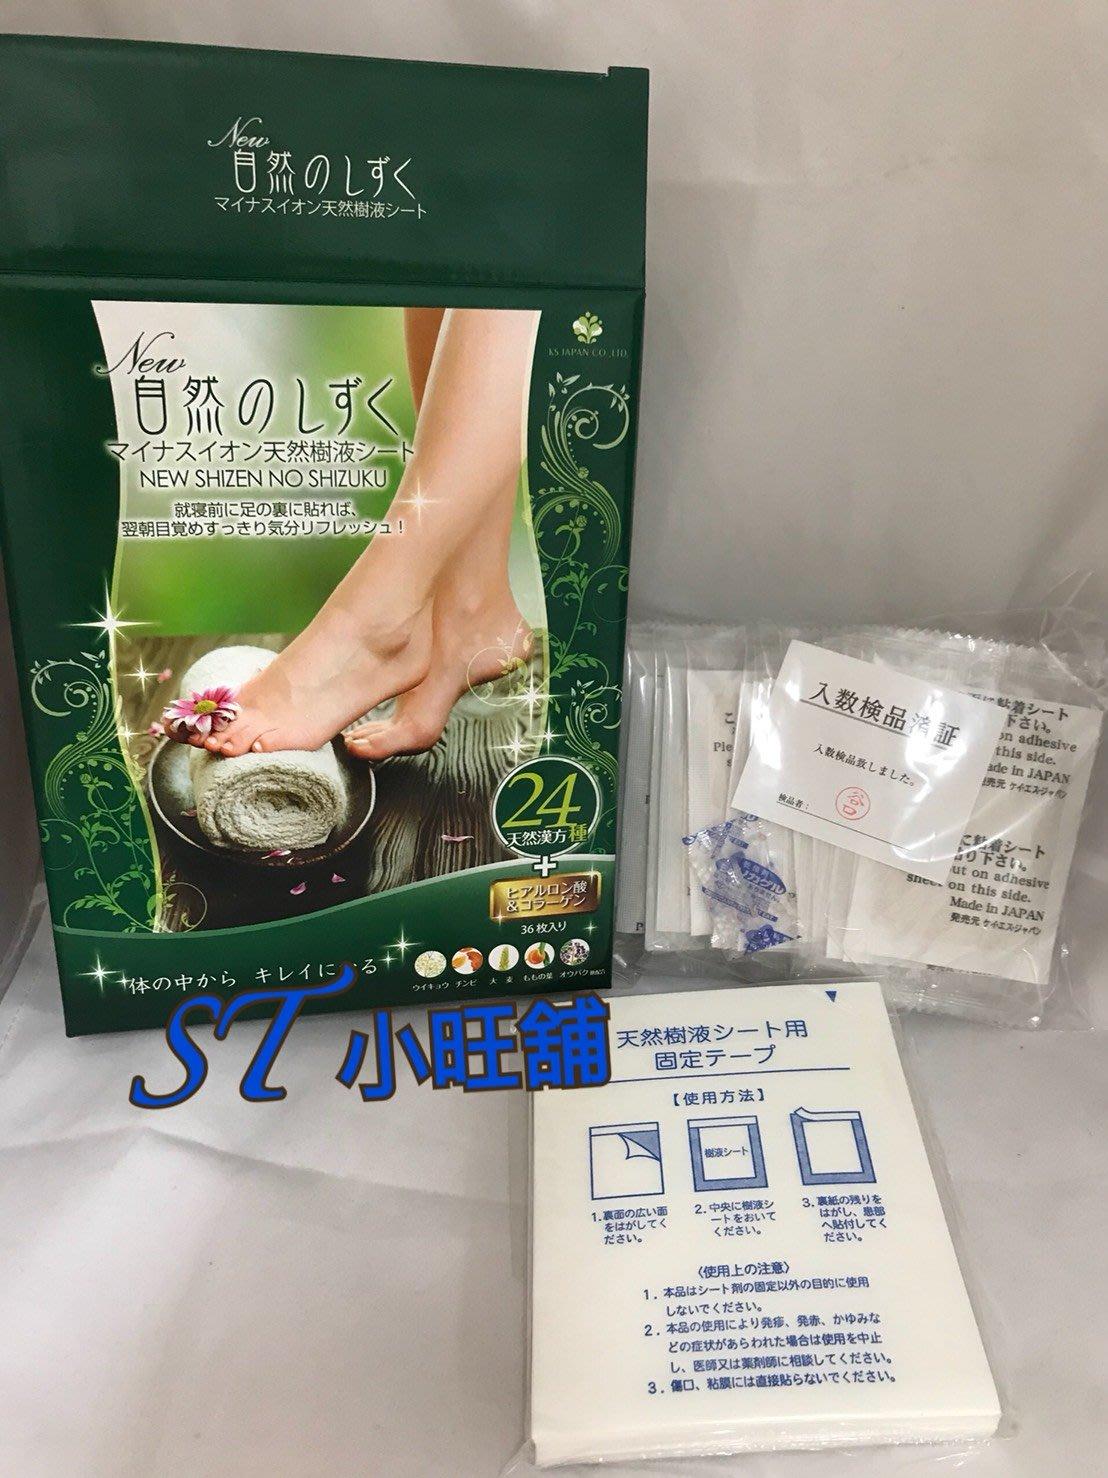 ST小旺鋪  日本 樹液足貼 腳底貼布 樹液貼片 漢方22種+2美容玻尿酸